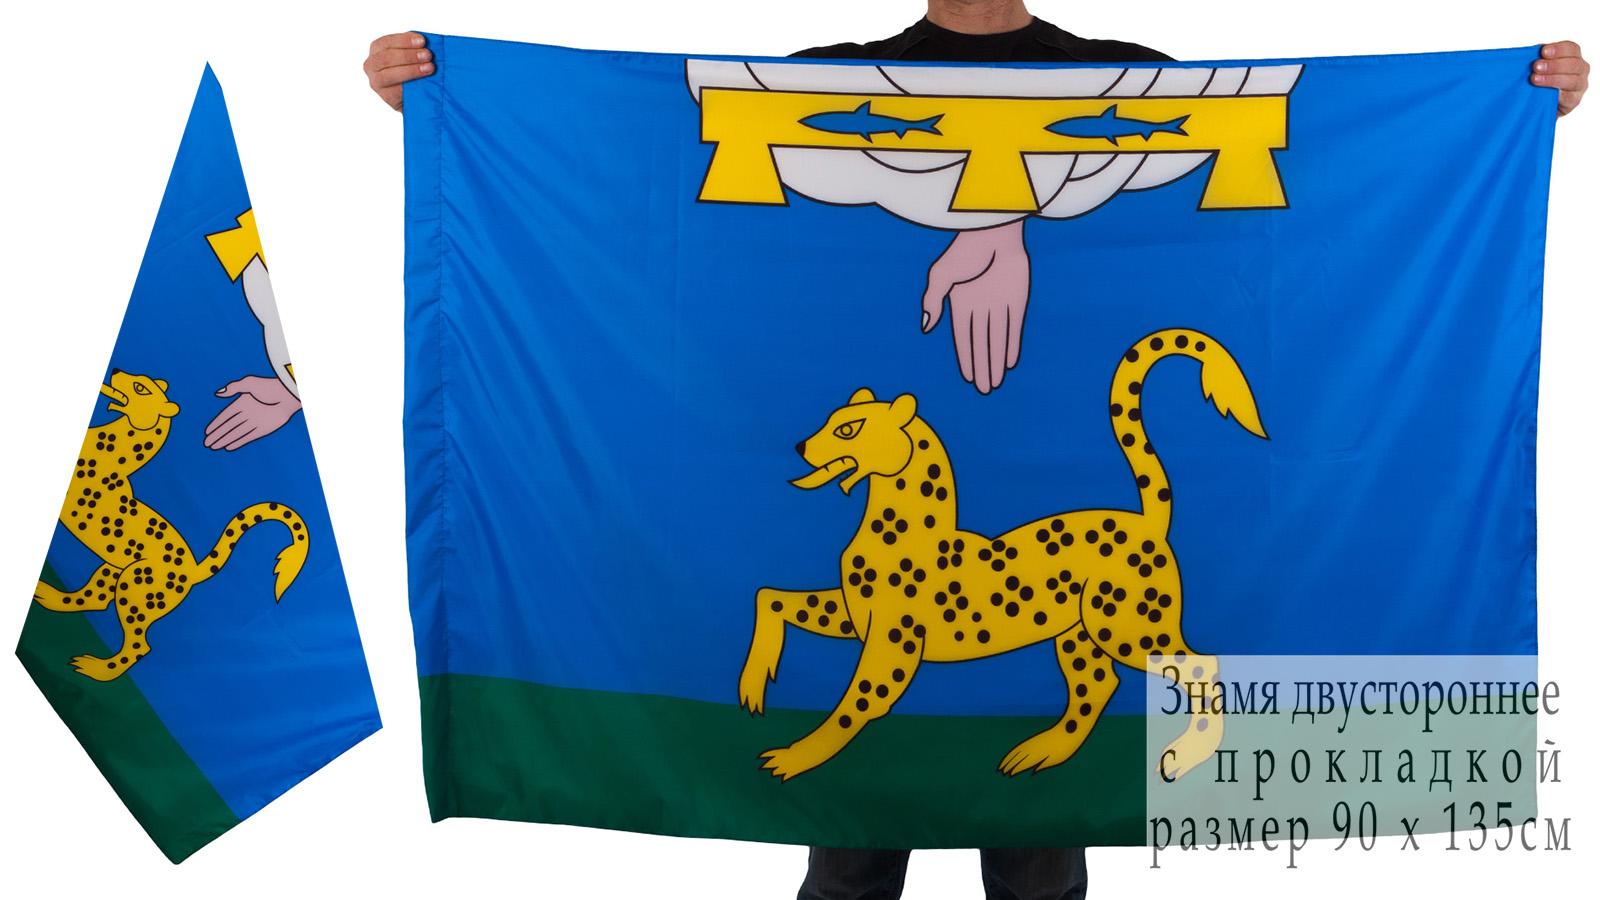 Двухсторонний флаг Псковского района